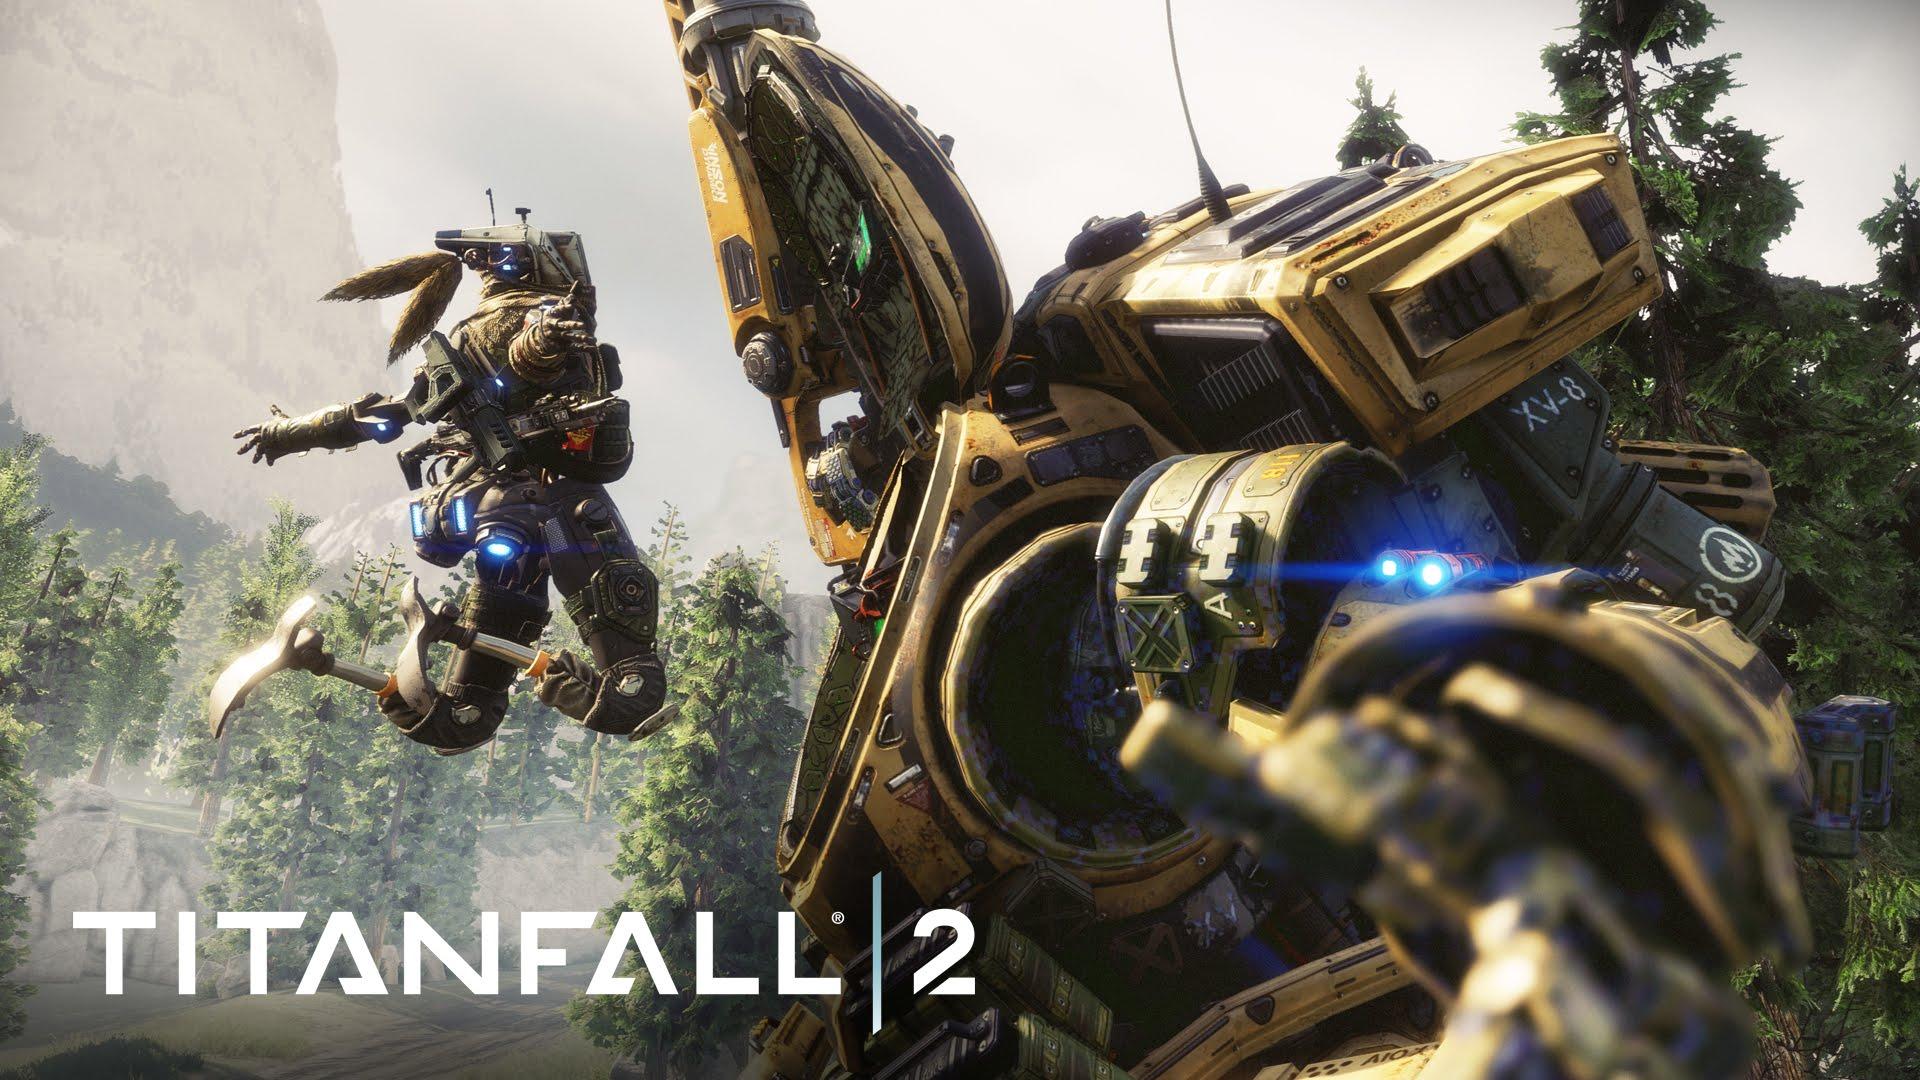 أول إختبار للعبة Titanfall 2 يُطلق الجمعة المقبلة وإليكم ما يقدمه